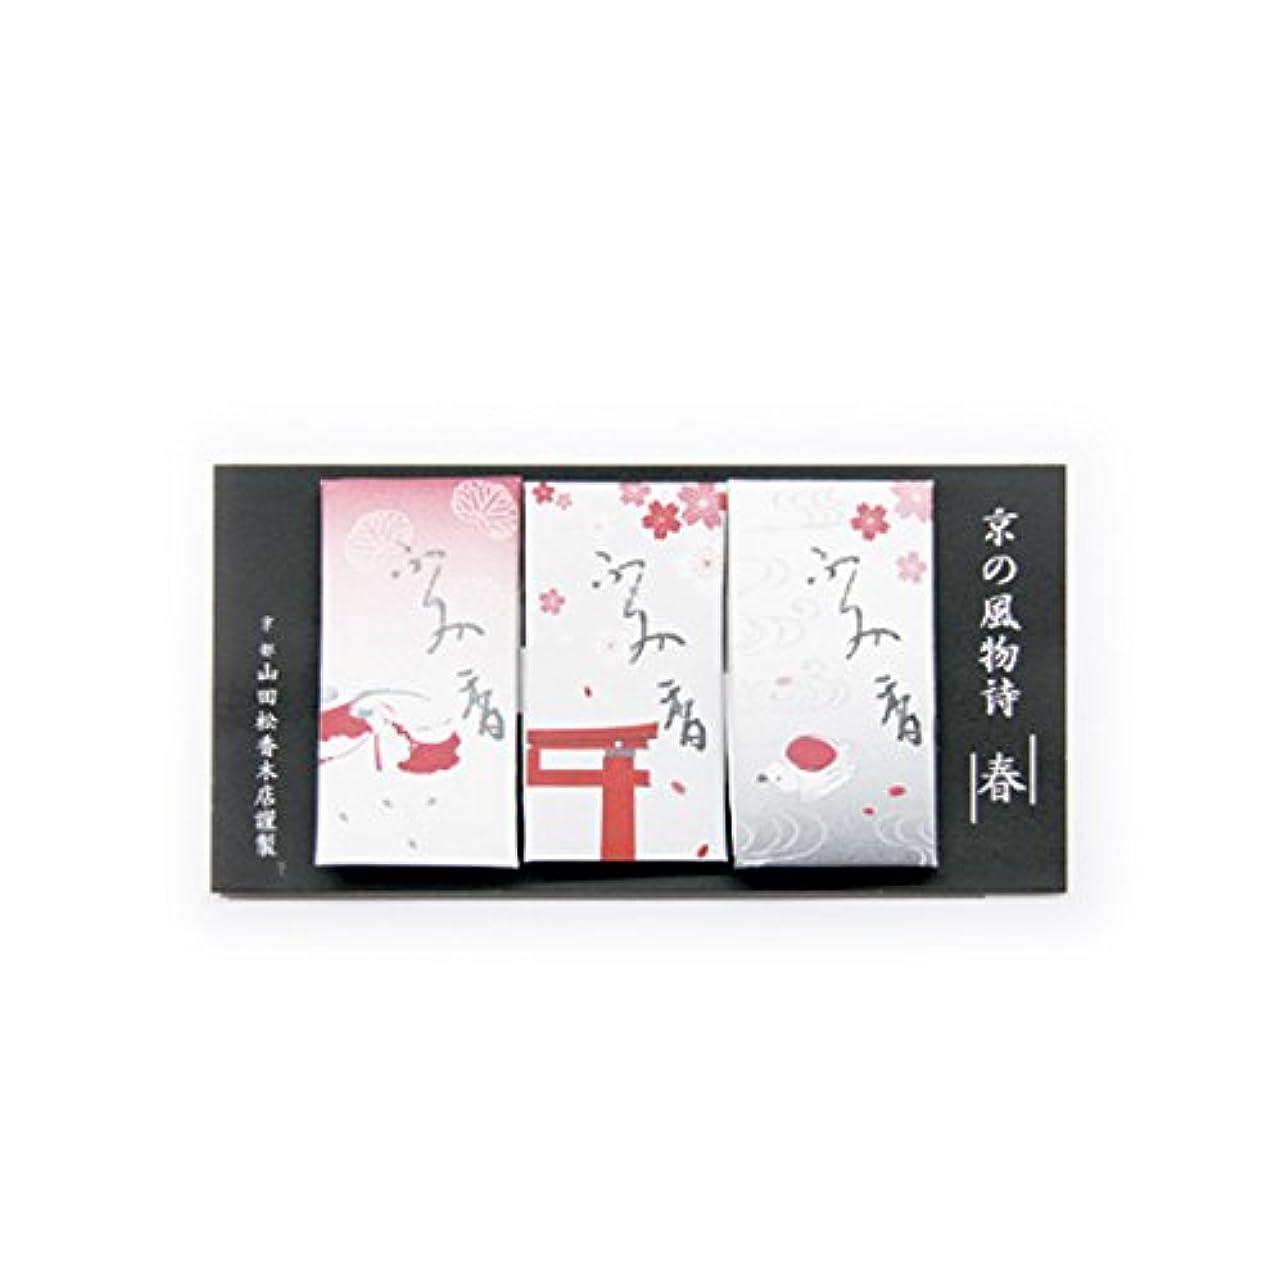 エスカレーターのぞき穴回転させる文香 京の風物詩 春